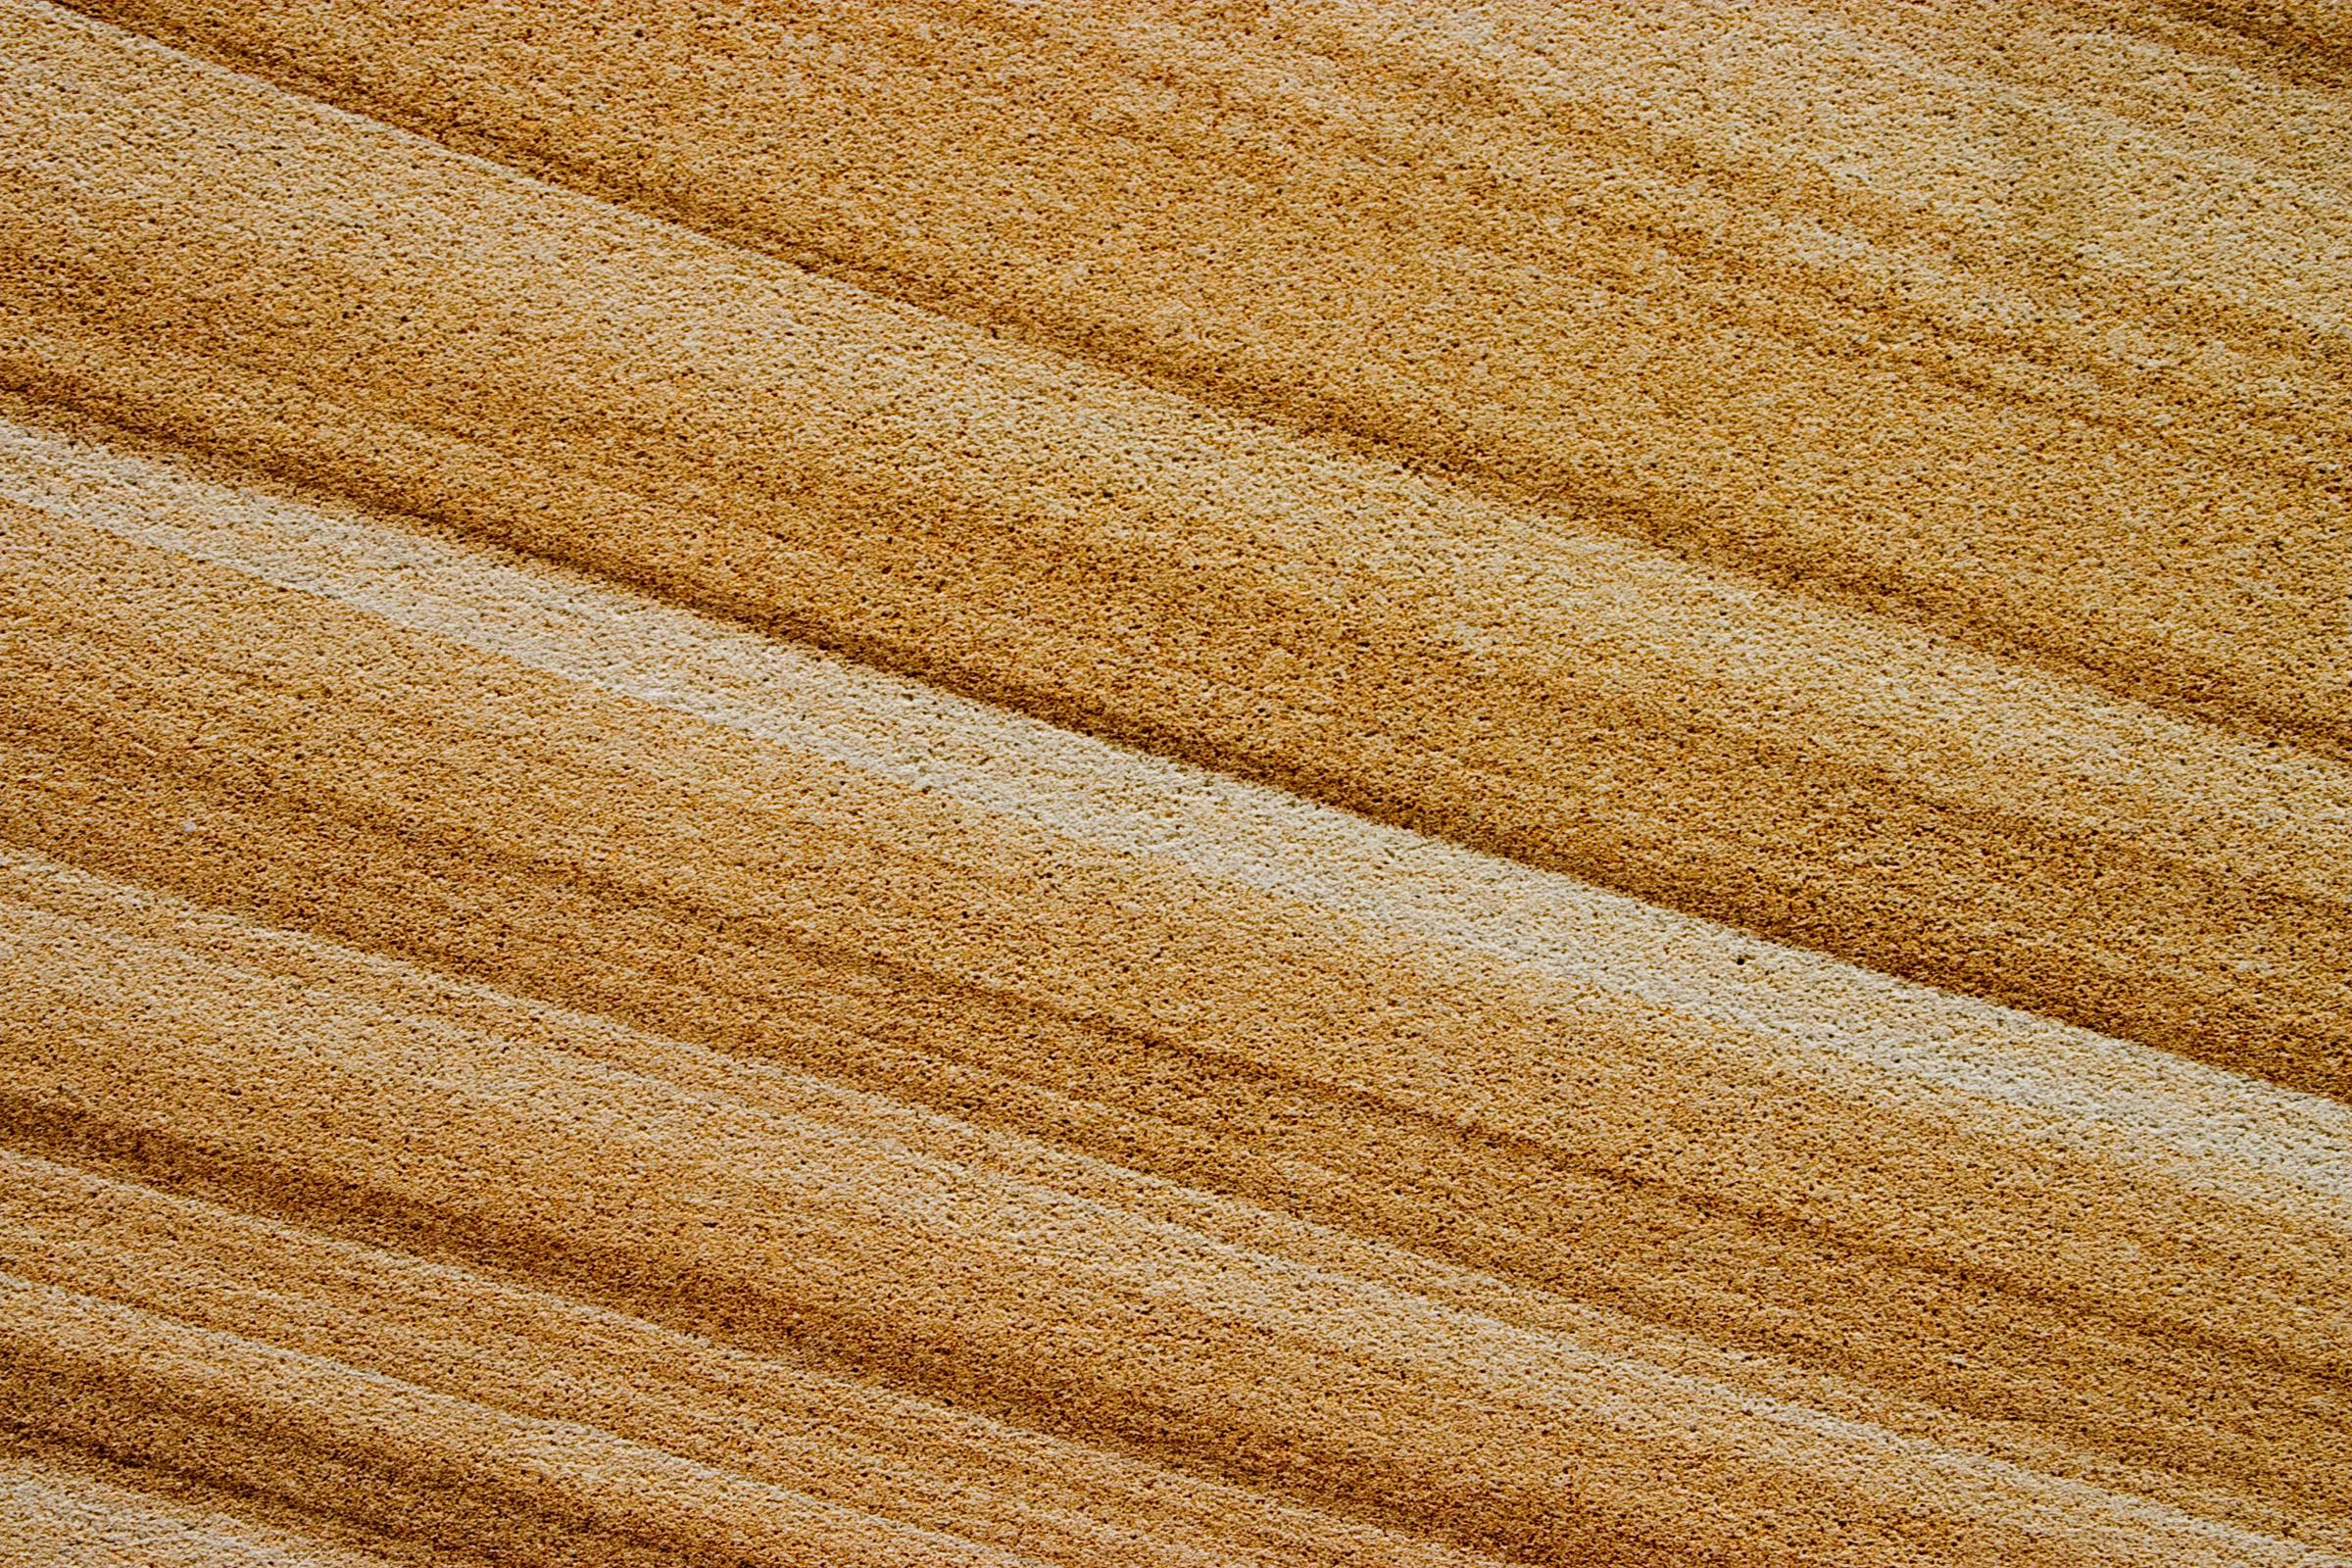 textures-5429